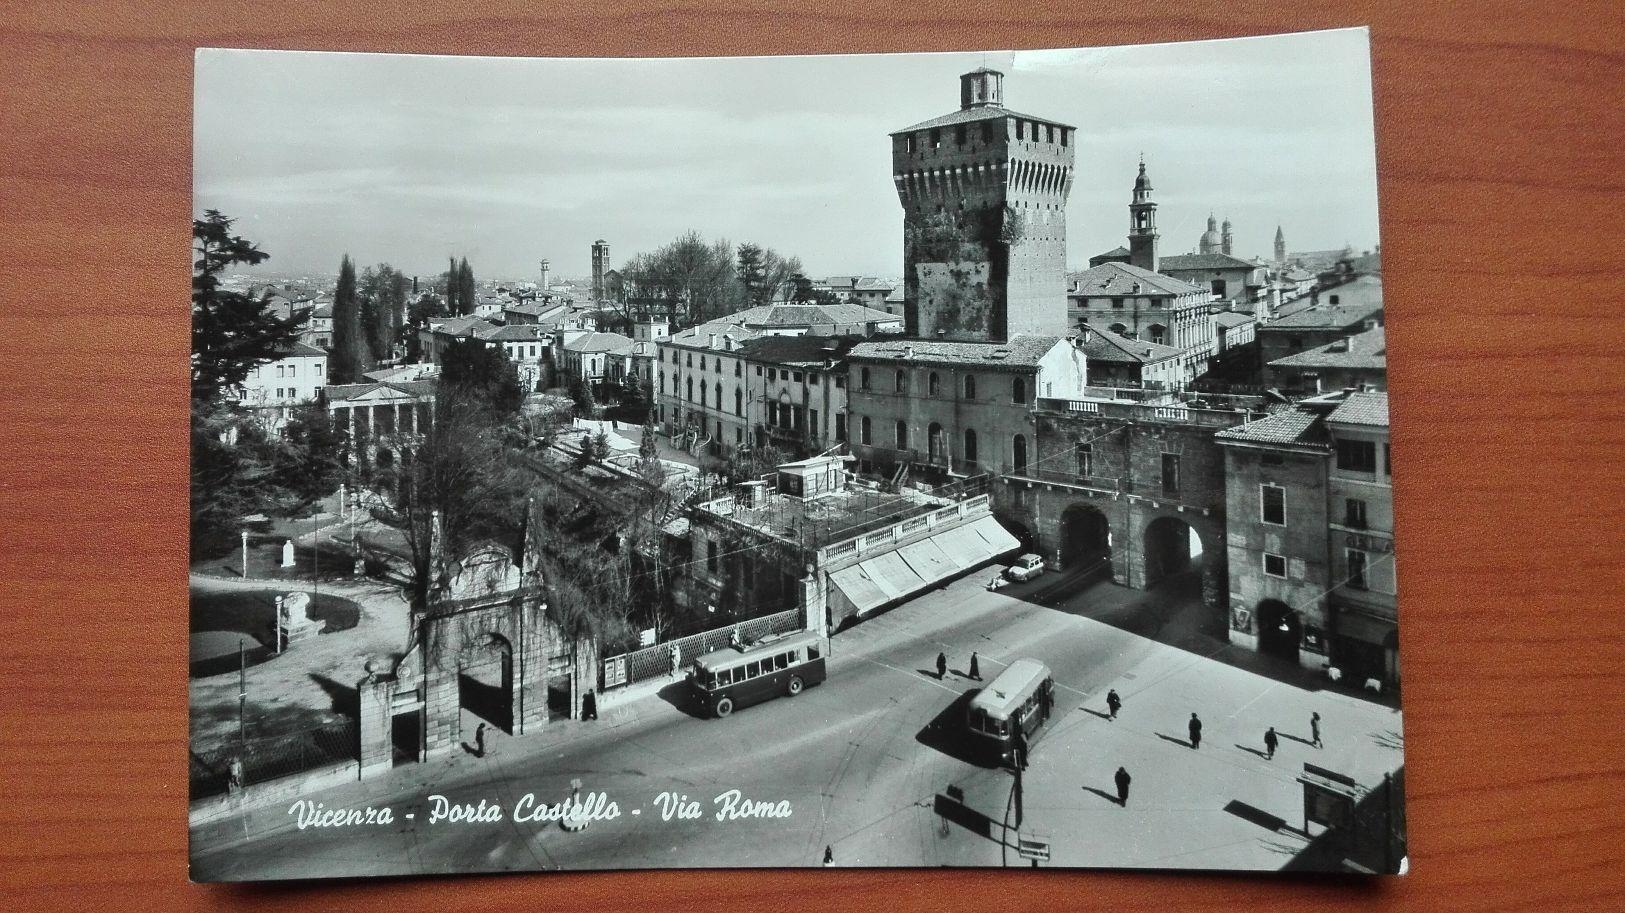 Vicenza - Porta Castello - Via Roma - Vicenza